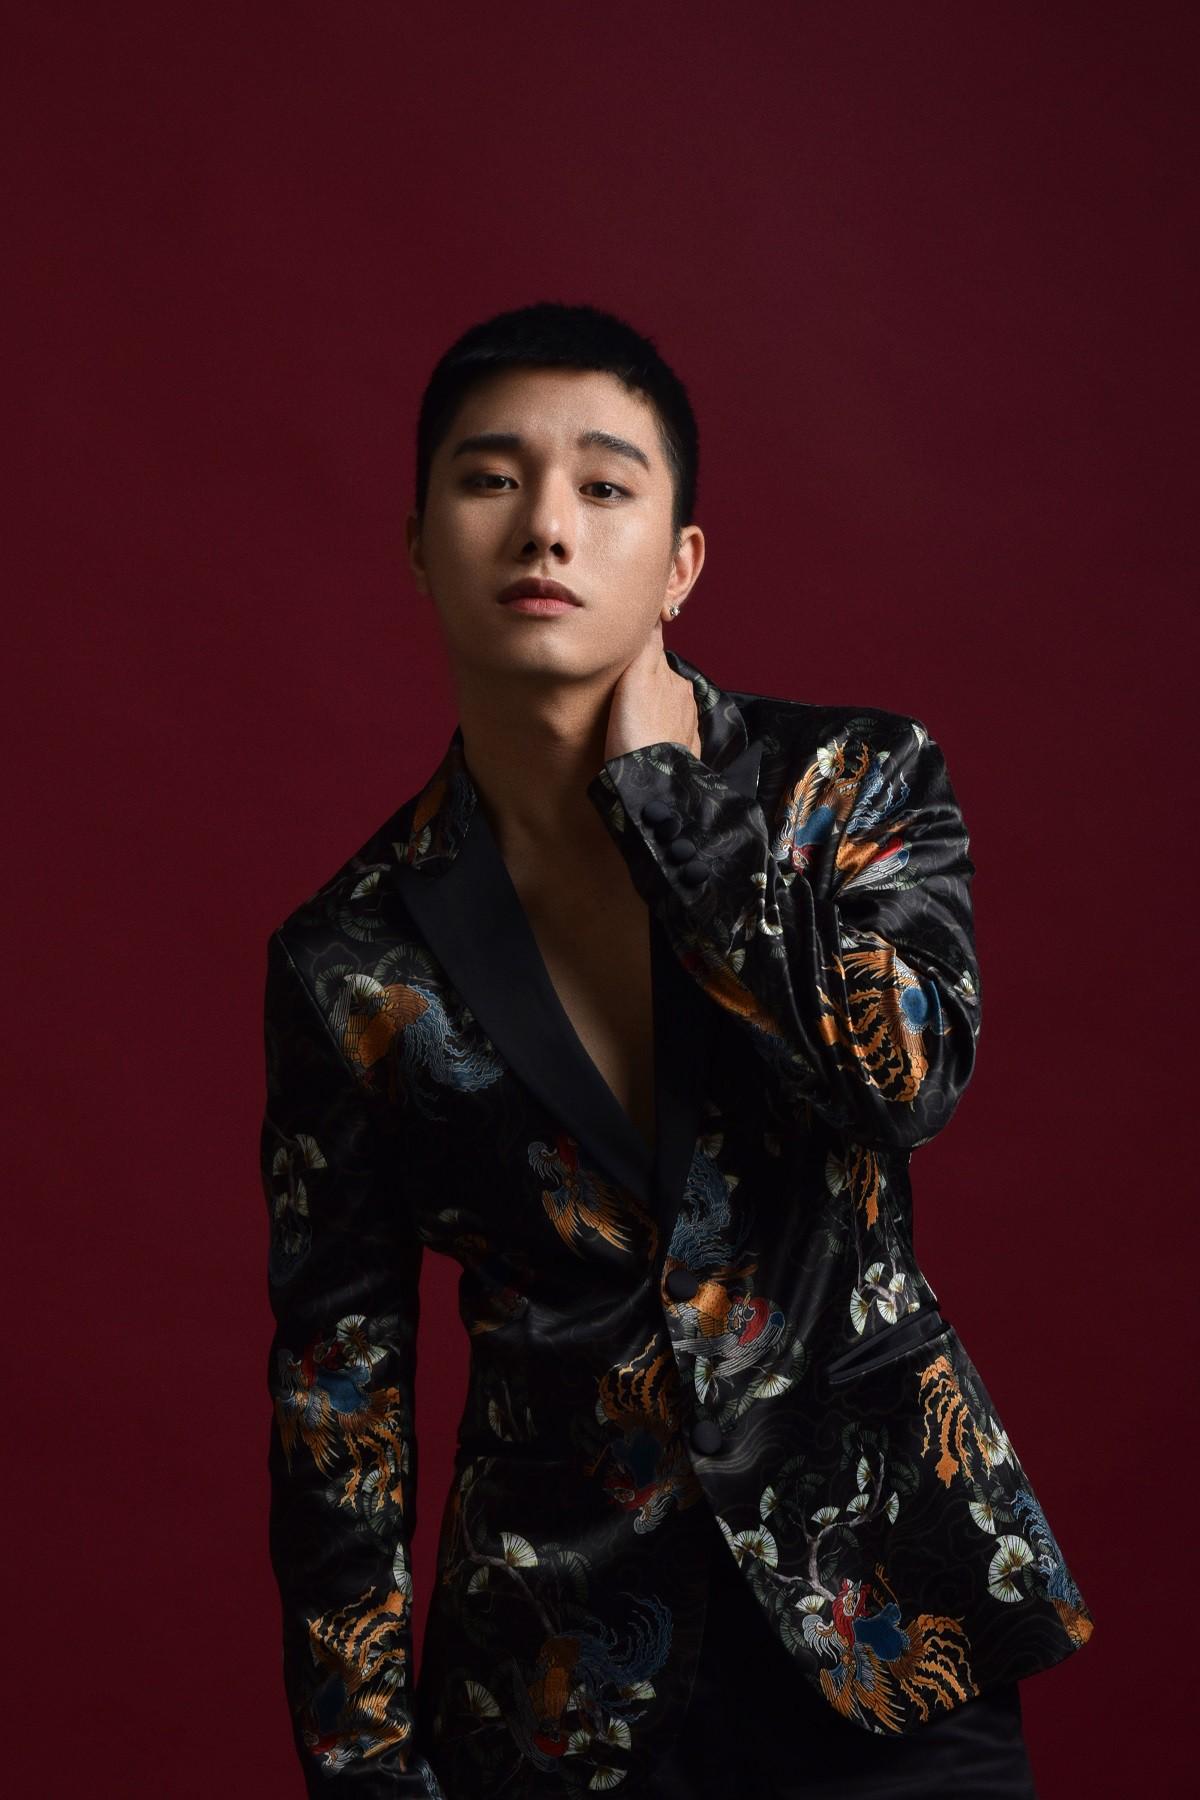 Không còn là hot boy đậm màu sắc Kpop, Juun Đăng Dũng hướng đến hình ảnh lãng tử trong MV mới - Ảnh 8.